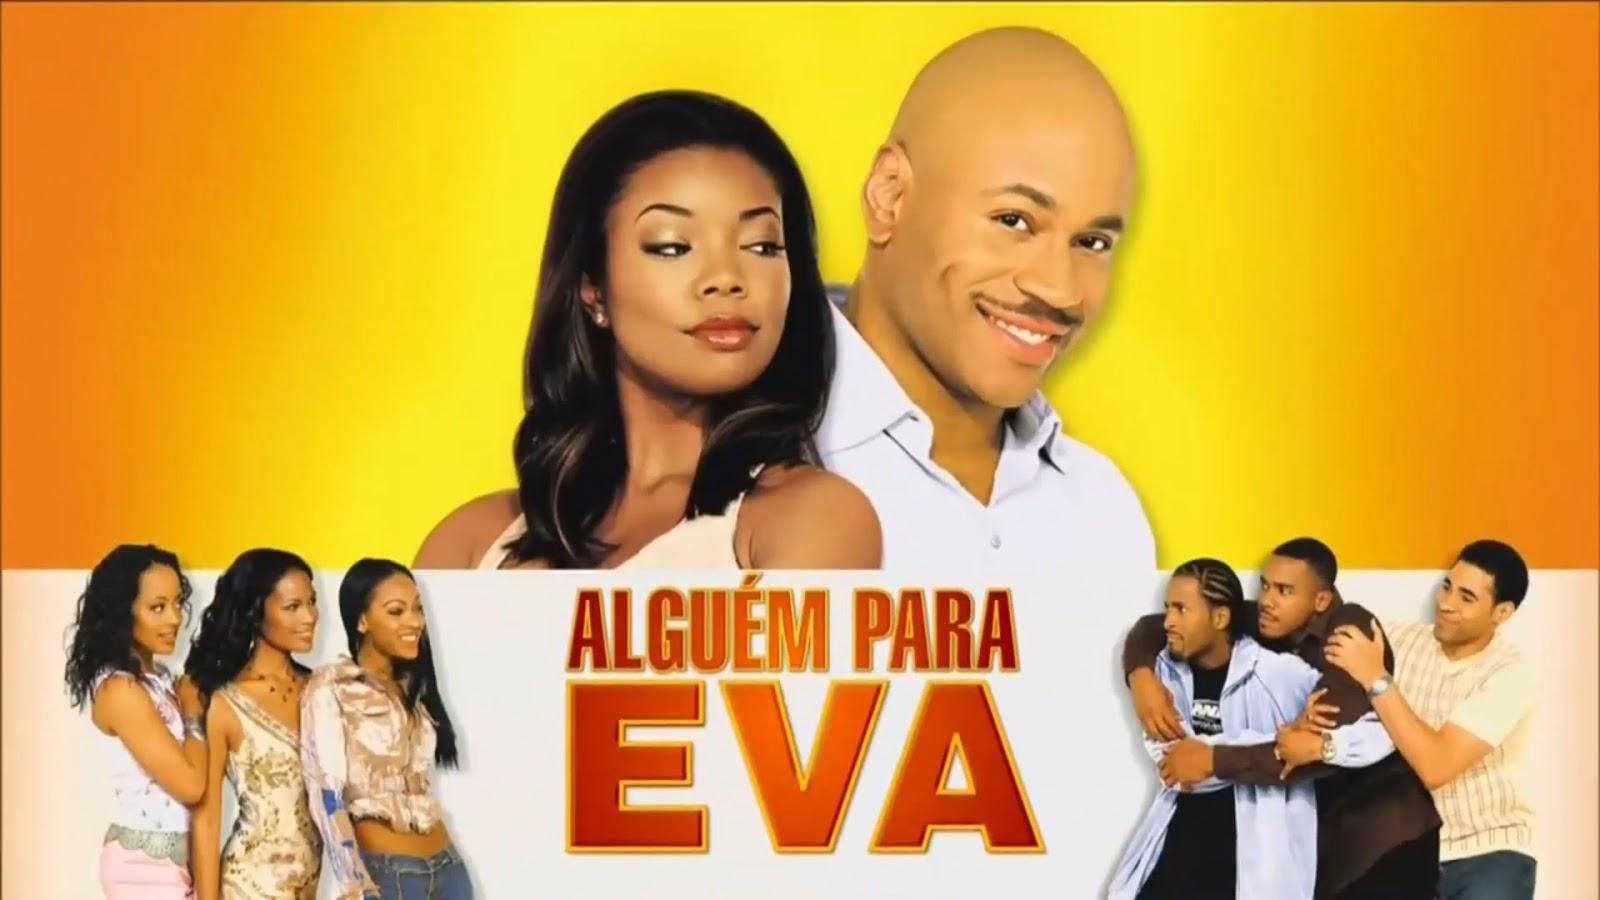 Download Alguem Para Eva 2003 Filme Raro Completo E Dublado